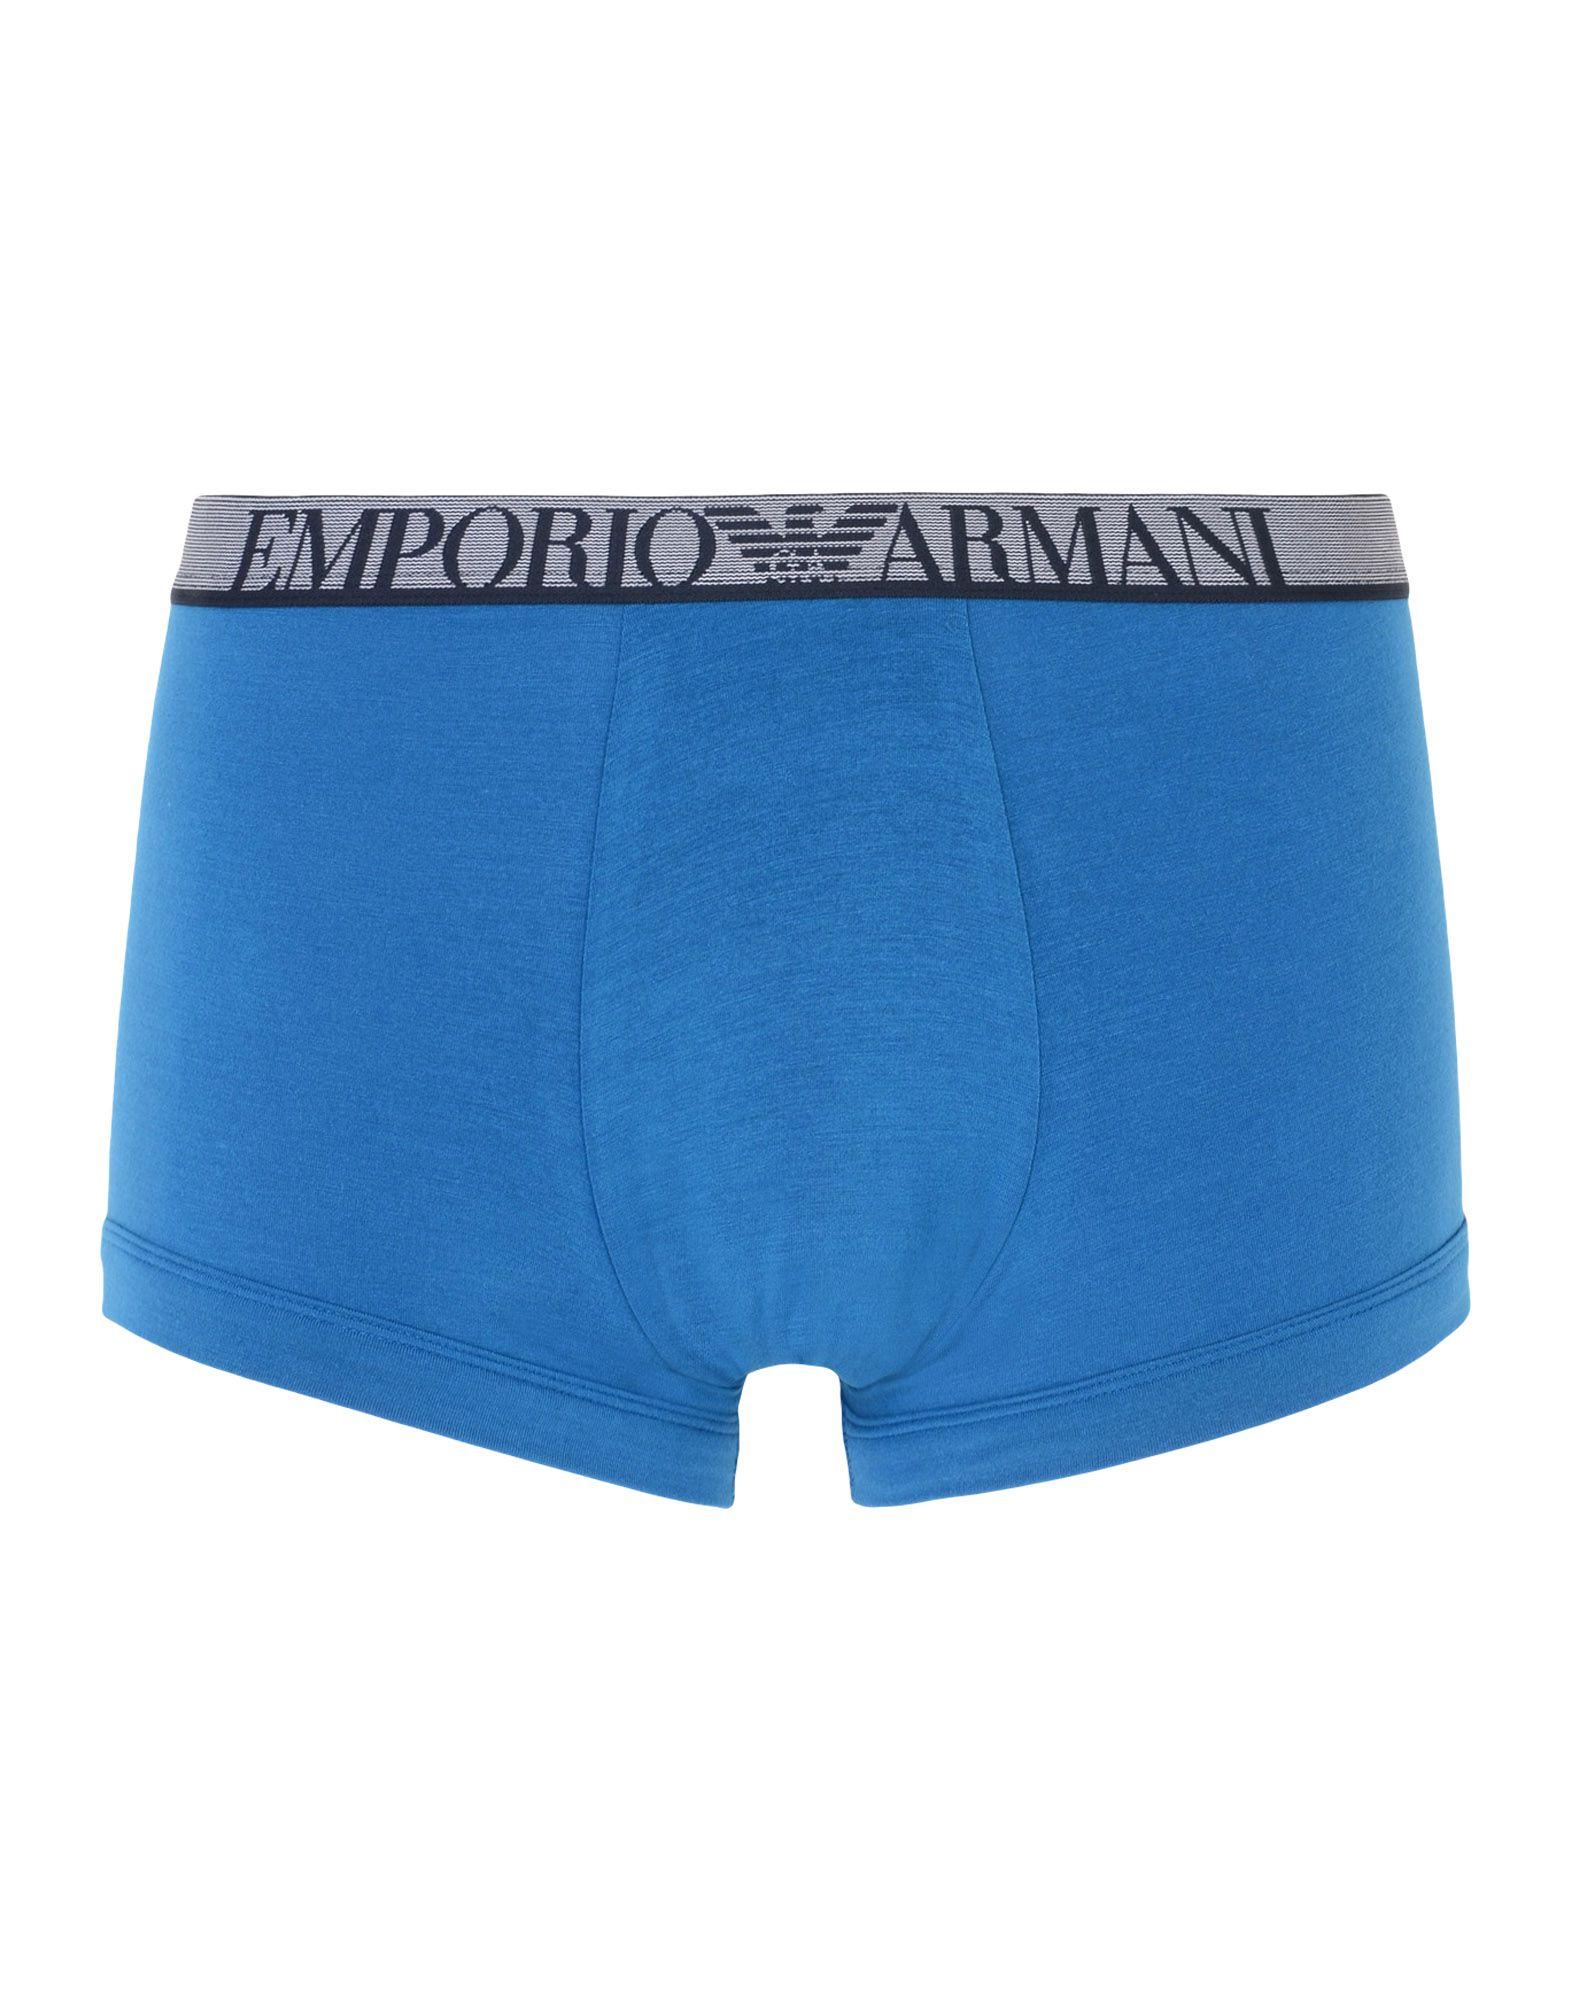 メンズ エンポリオ アルマーニ トランクス ブルー